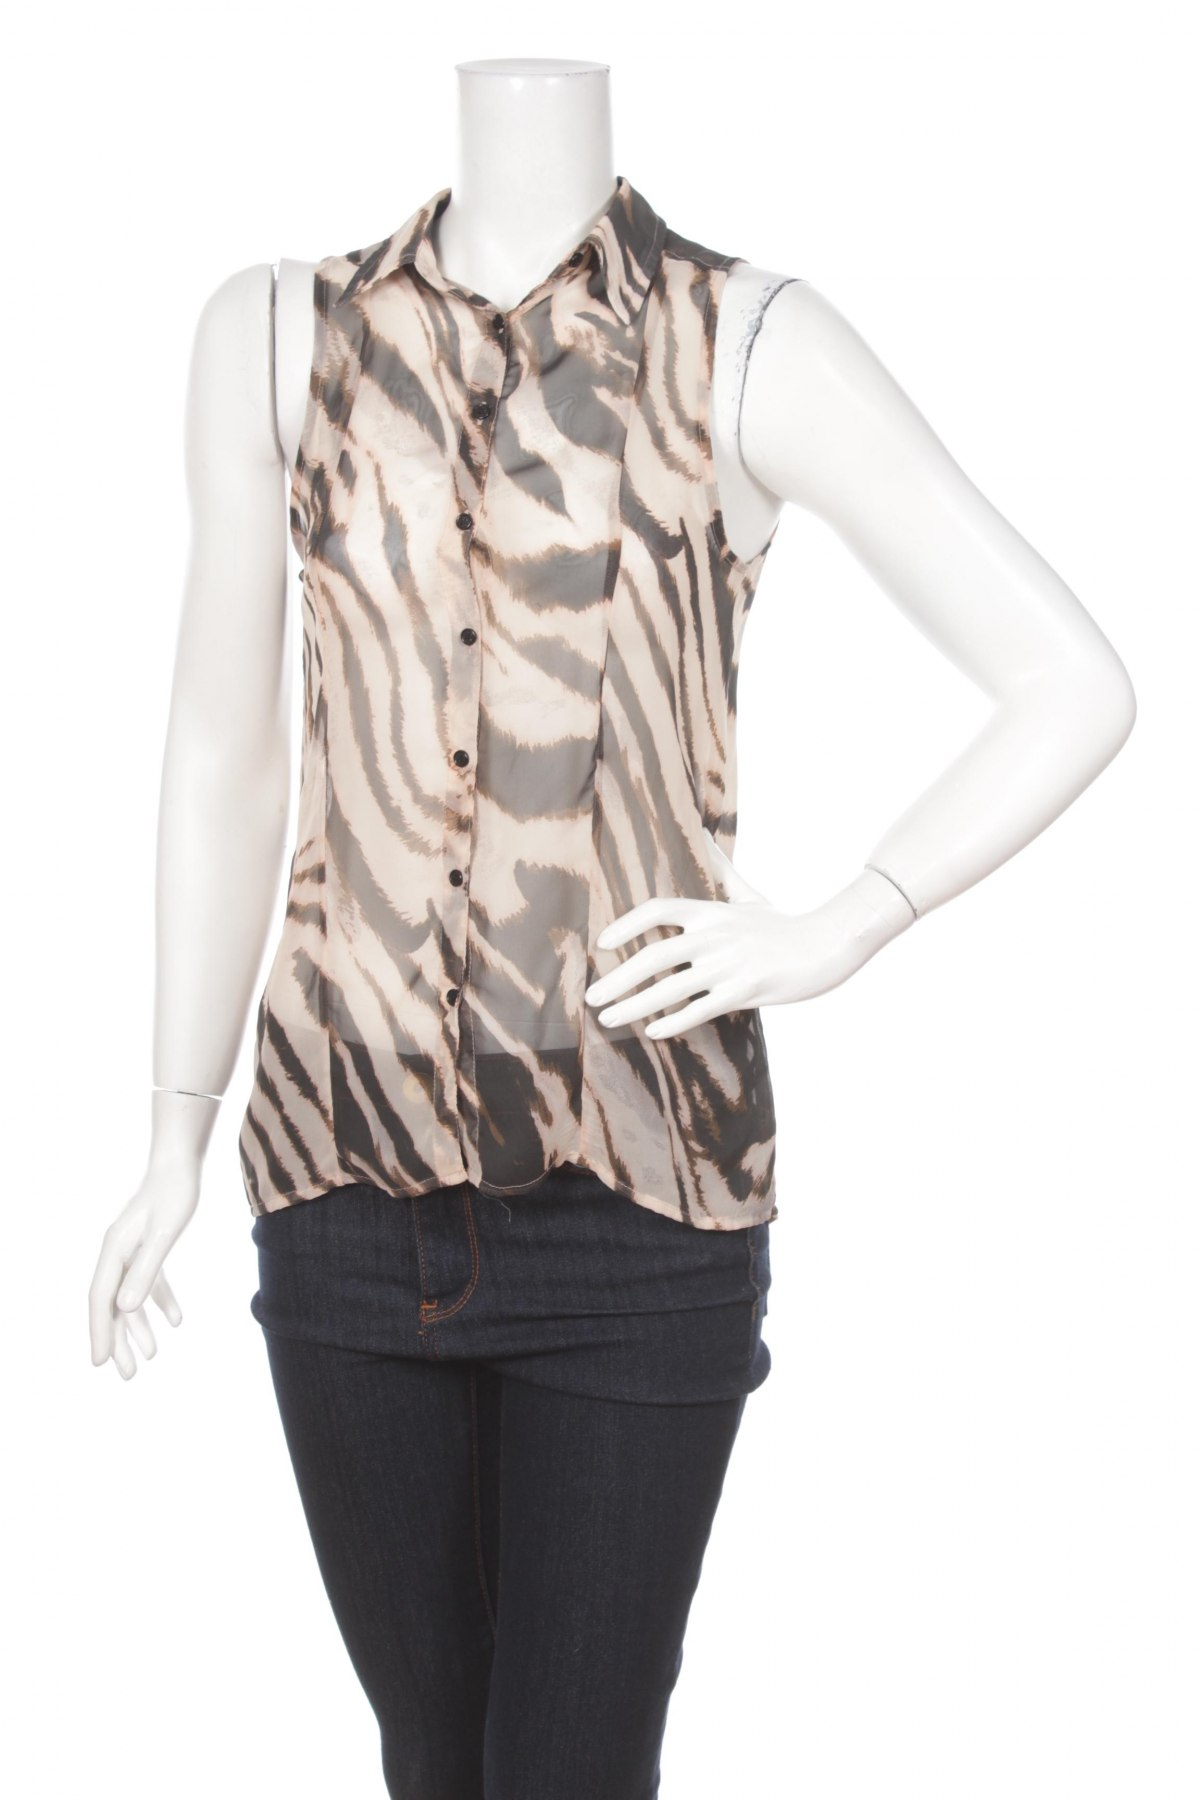 Γυναικείο πουκάμισο Zebra, Μέγεθος S, Χρώμα Πολύχρωμο, 100% πολυεστέρας, Τιμή 9,28€